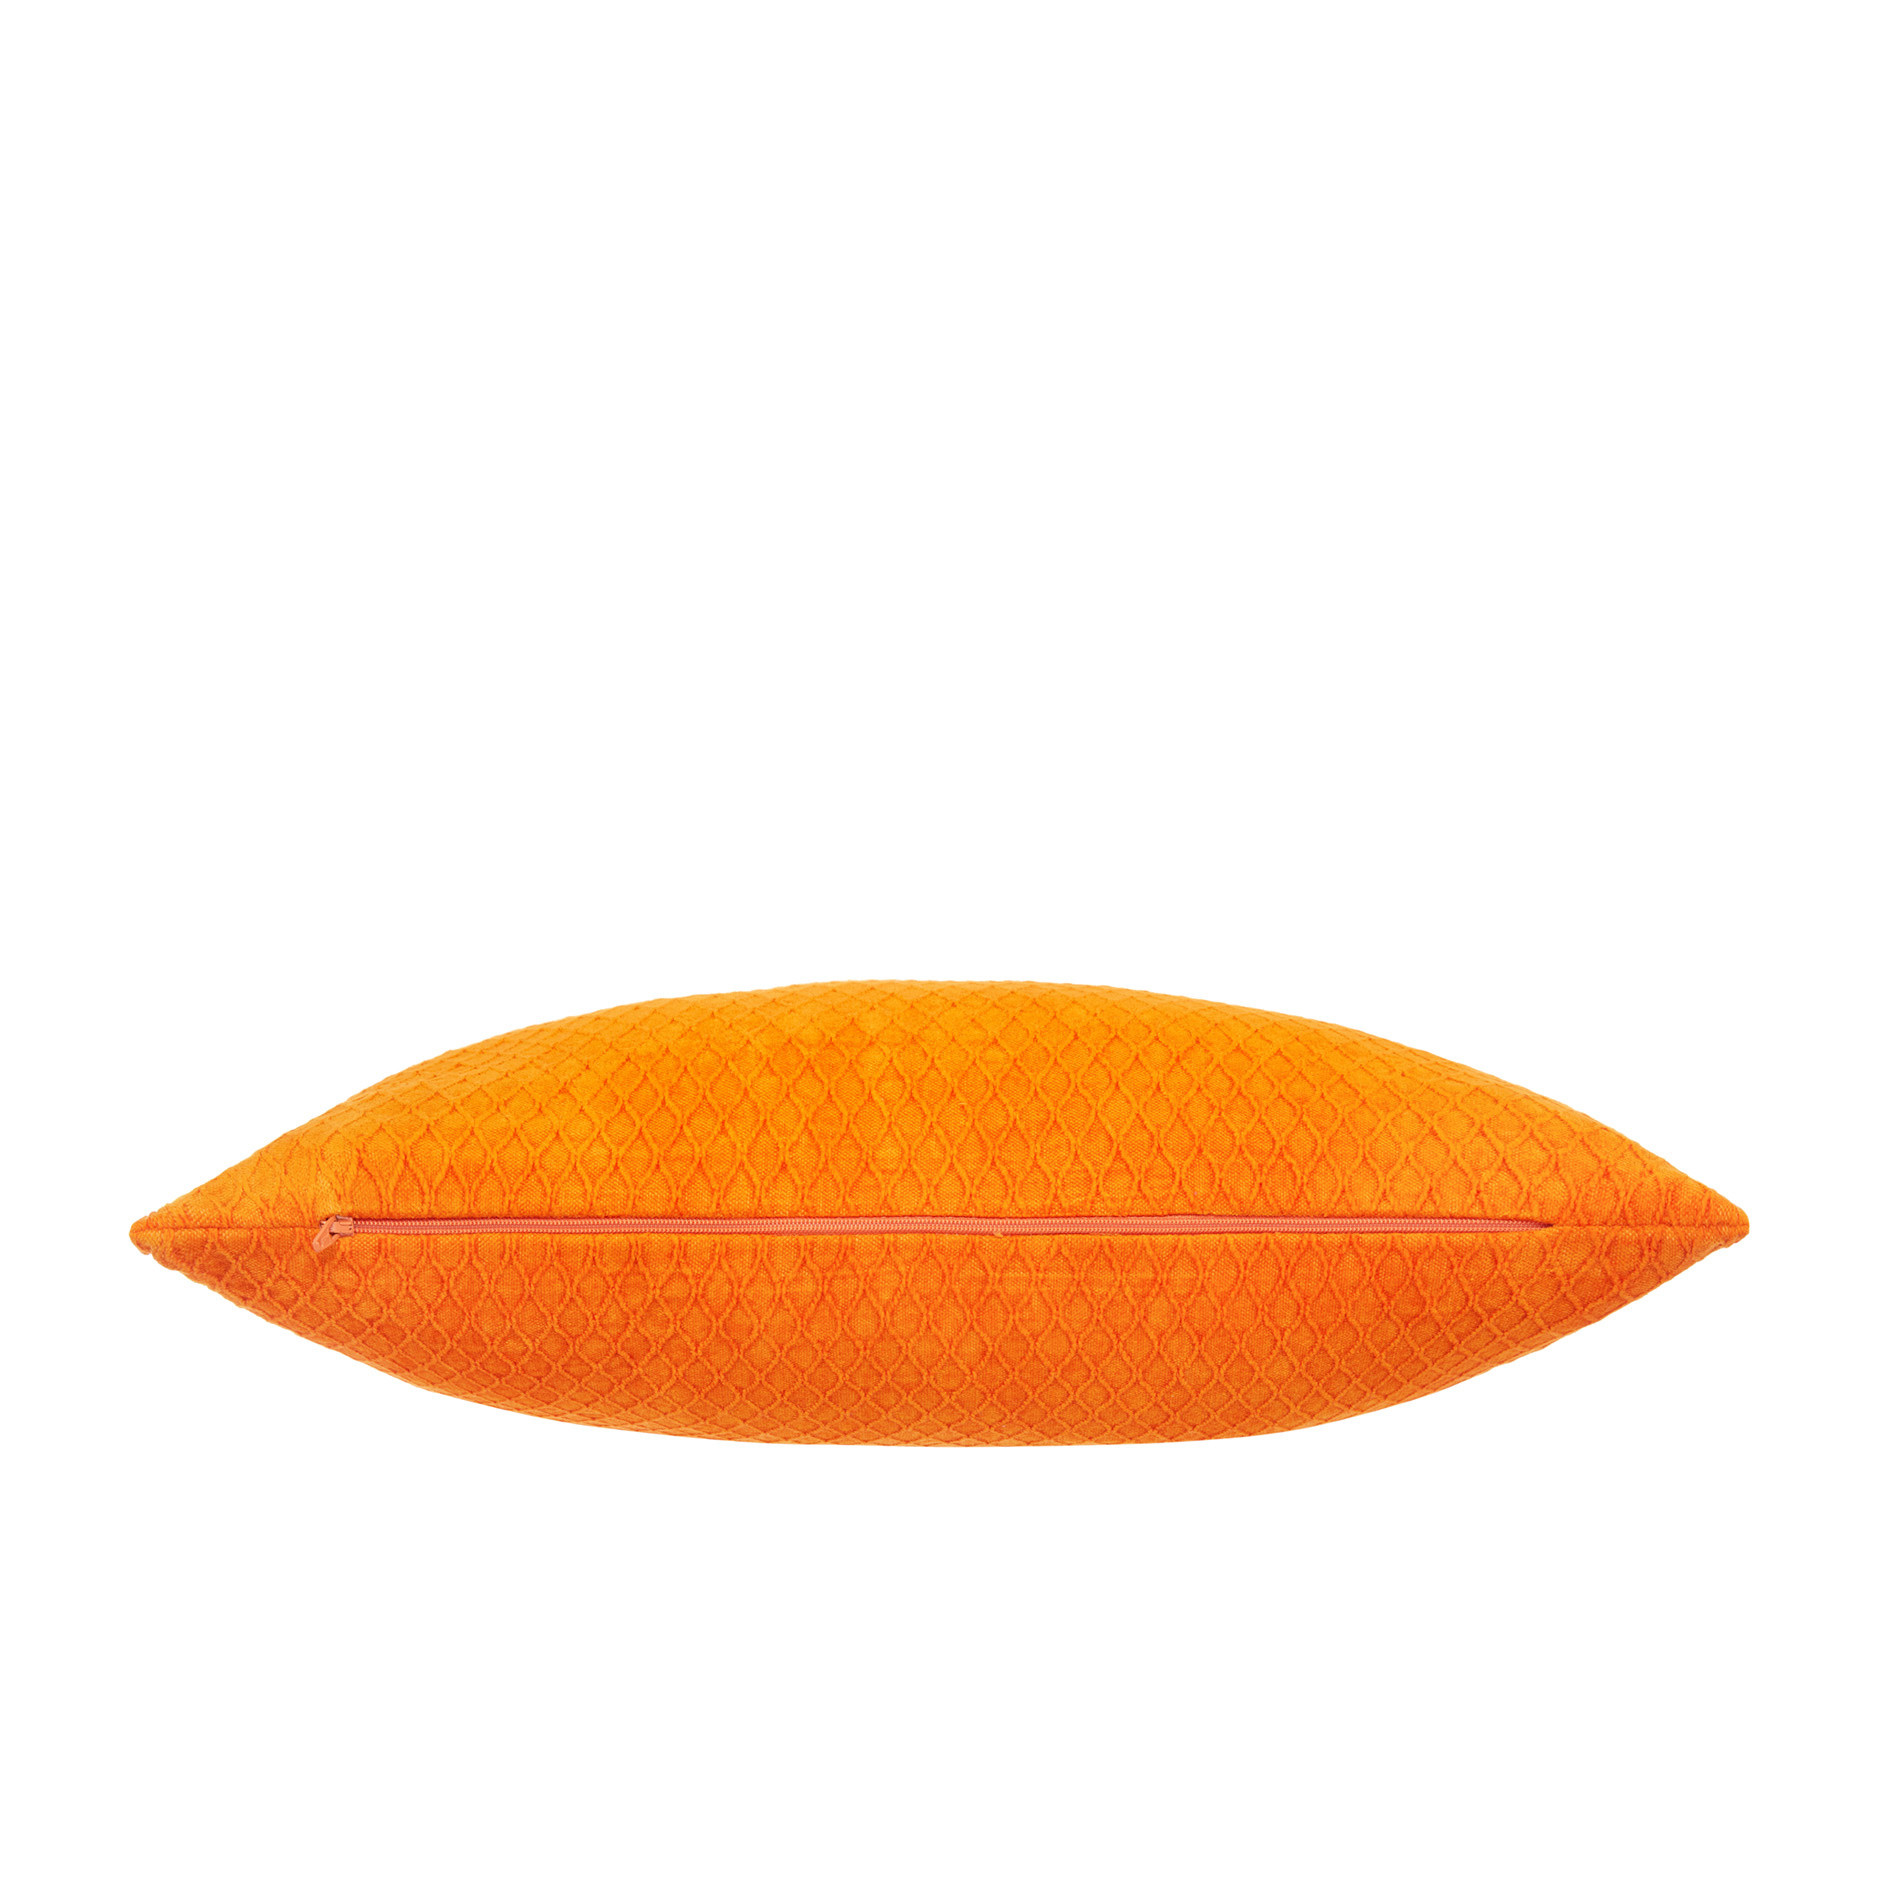 Cuscino velluto tinta unita 45x45cm, Arancione, large image number 1